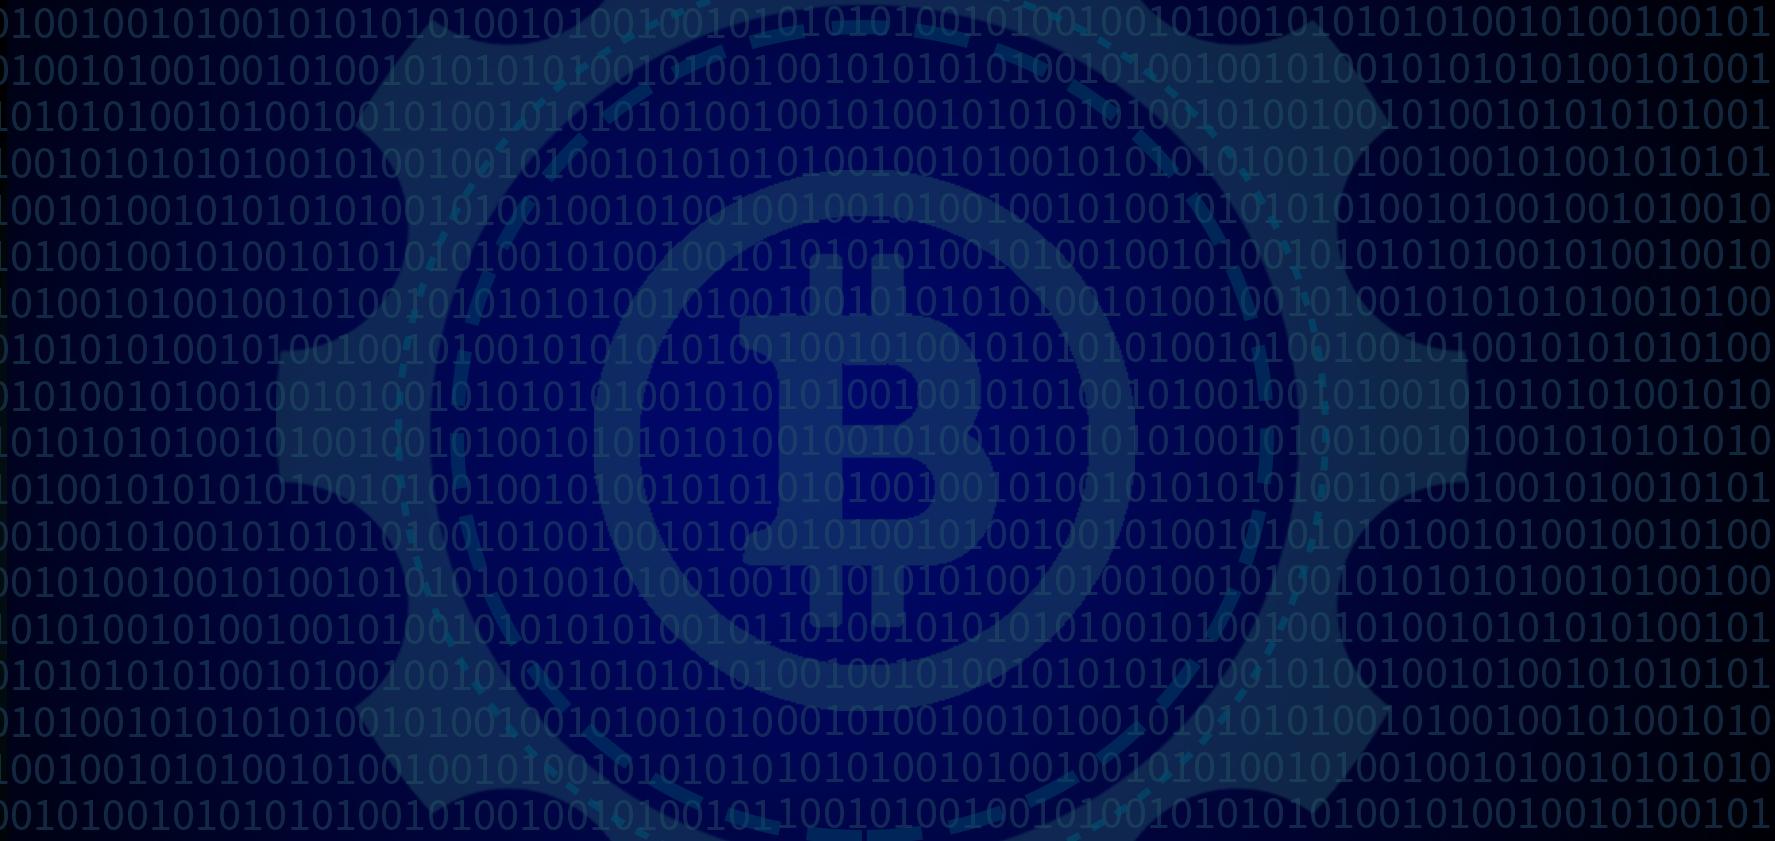 Blockchain et cryptomonnaie, un système monétaire d'avenir